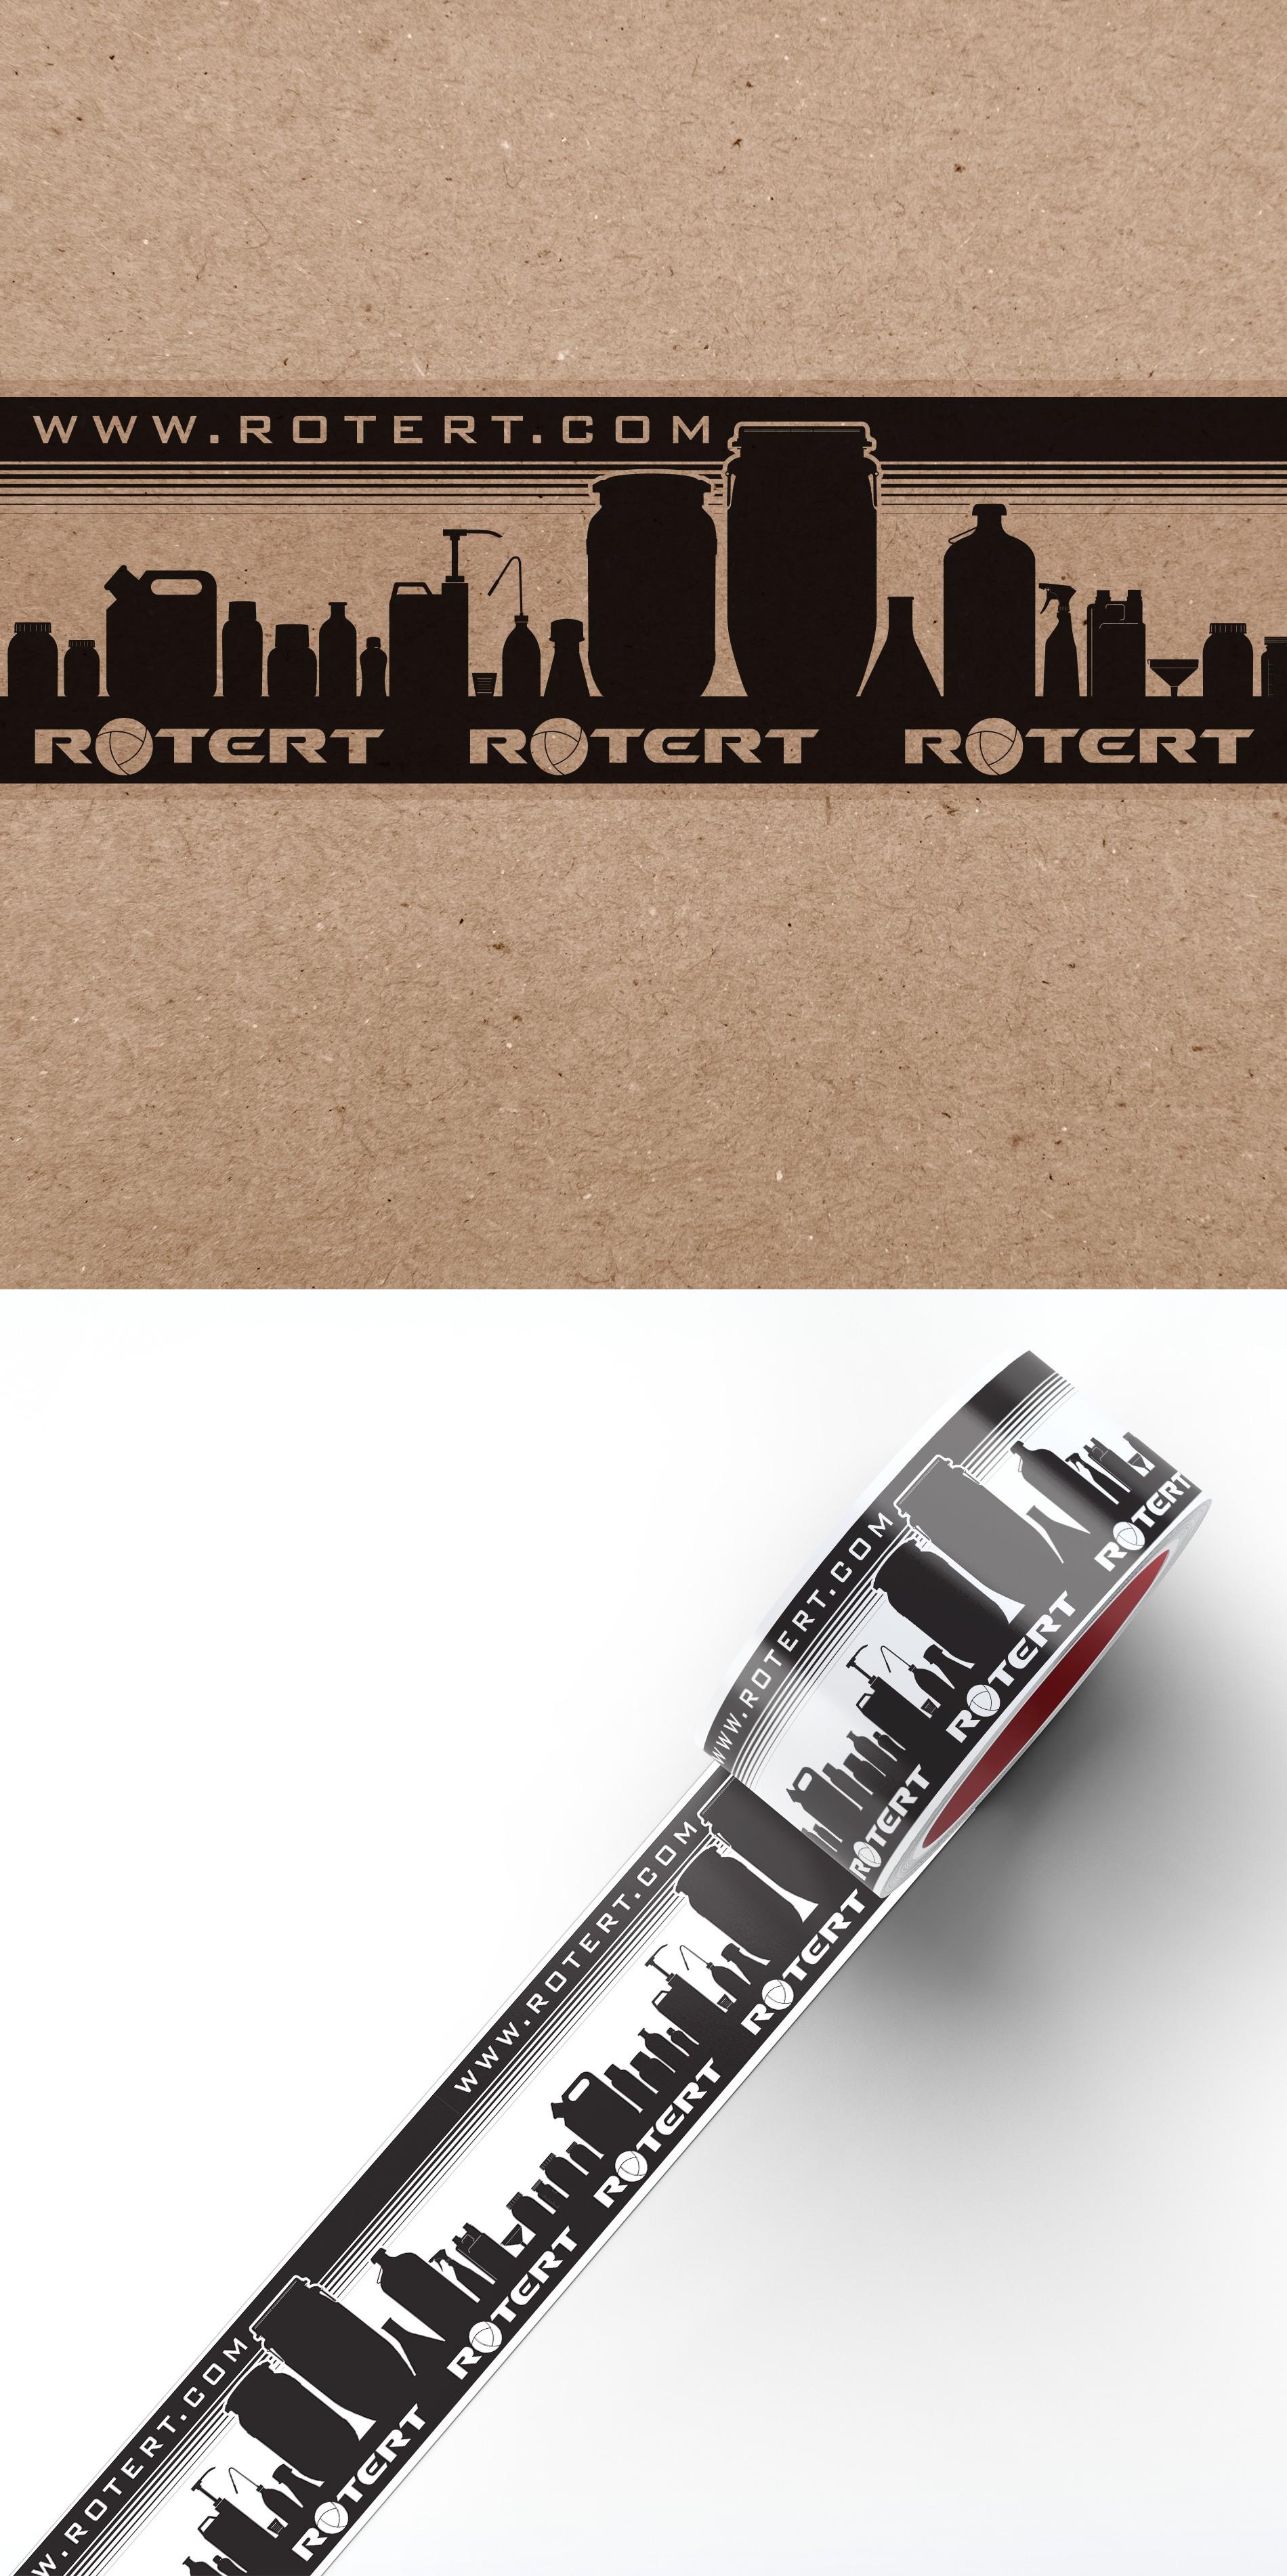 ROTERT.com braucht ein Design für auffälliges Verpackungsklebeband